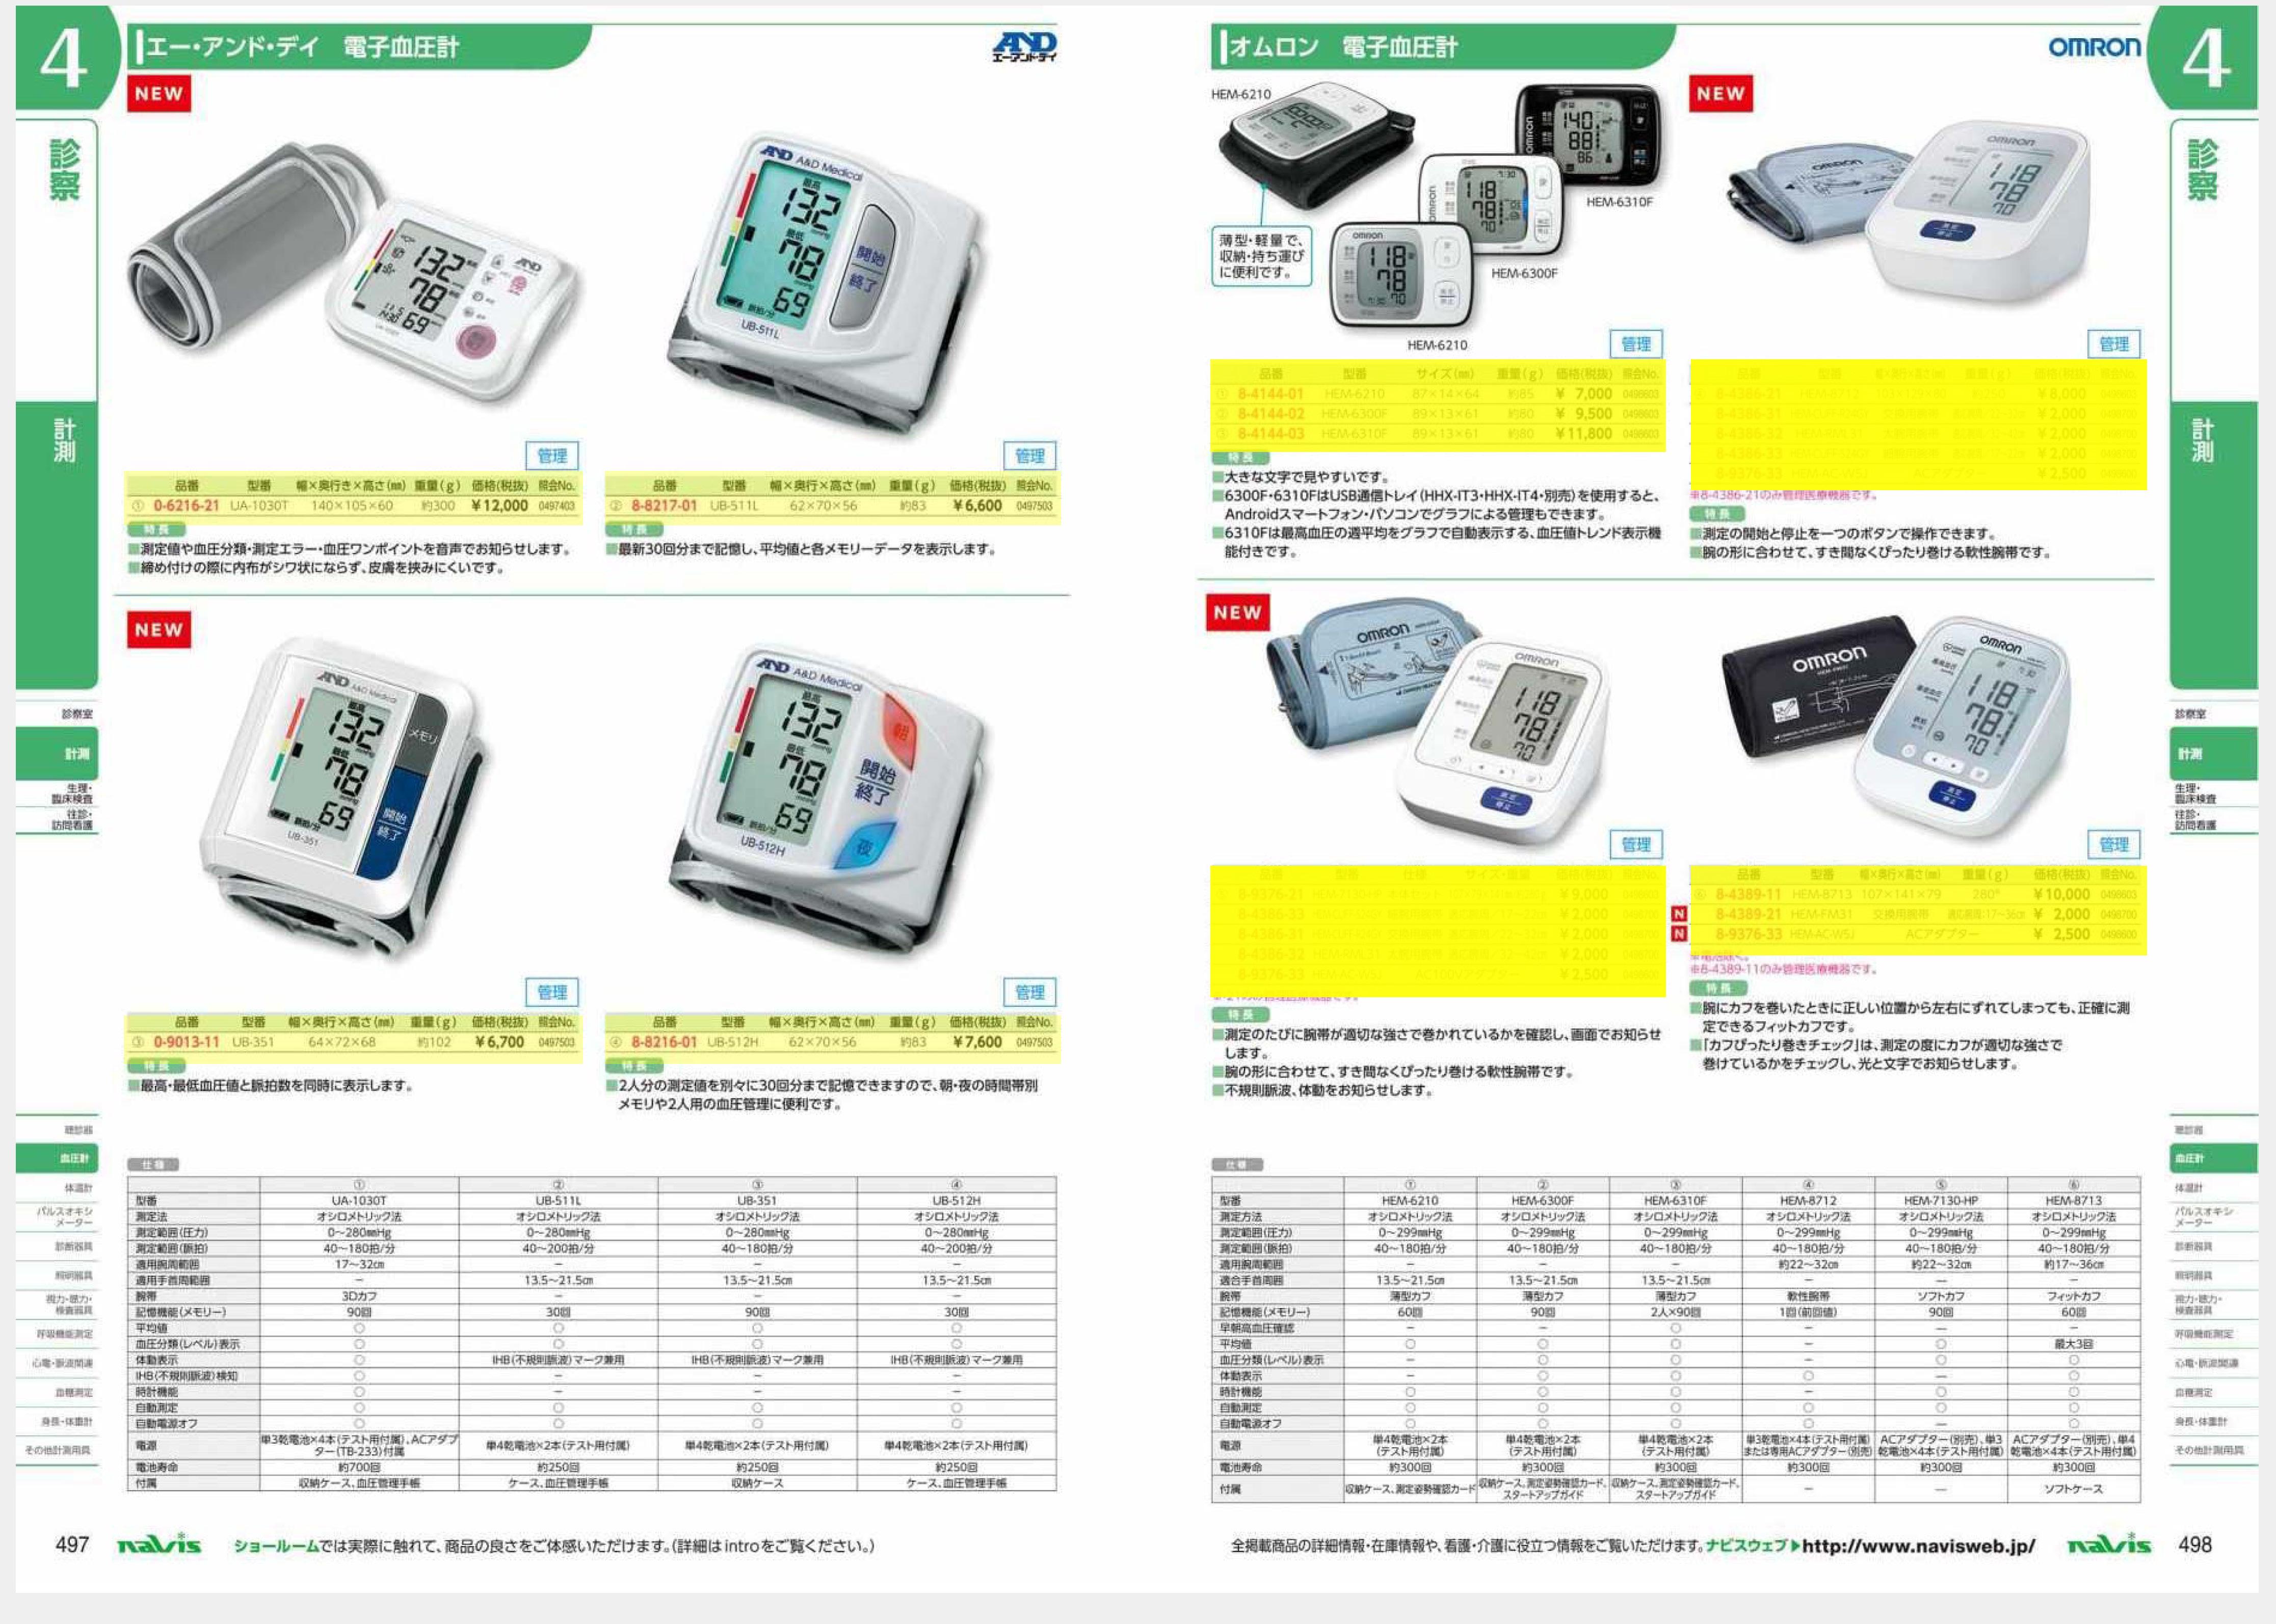 ナビス50000 オムロン 8-4144-03 自動血圧計 HEM−6310F[個](as1-8-4144-03)